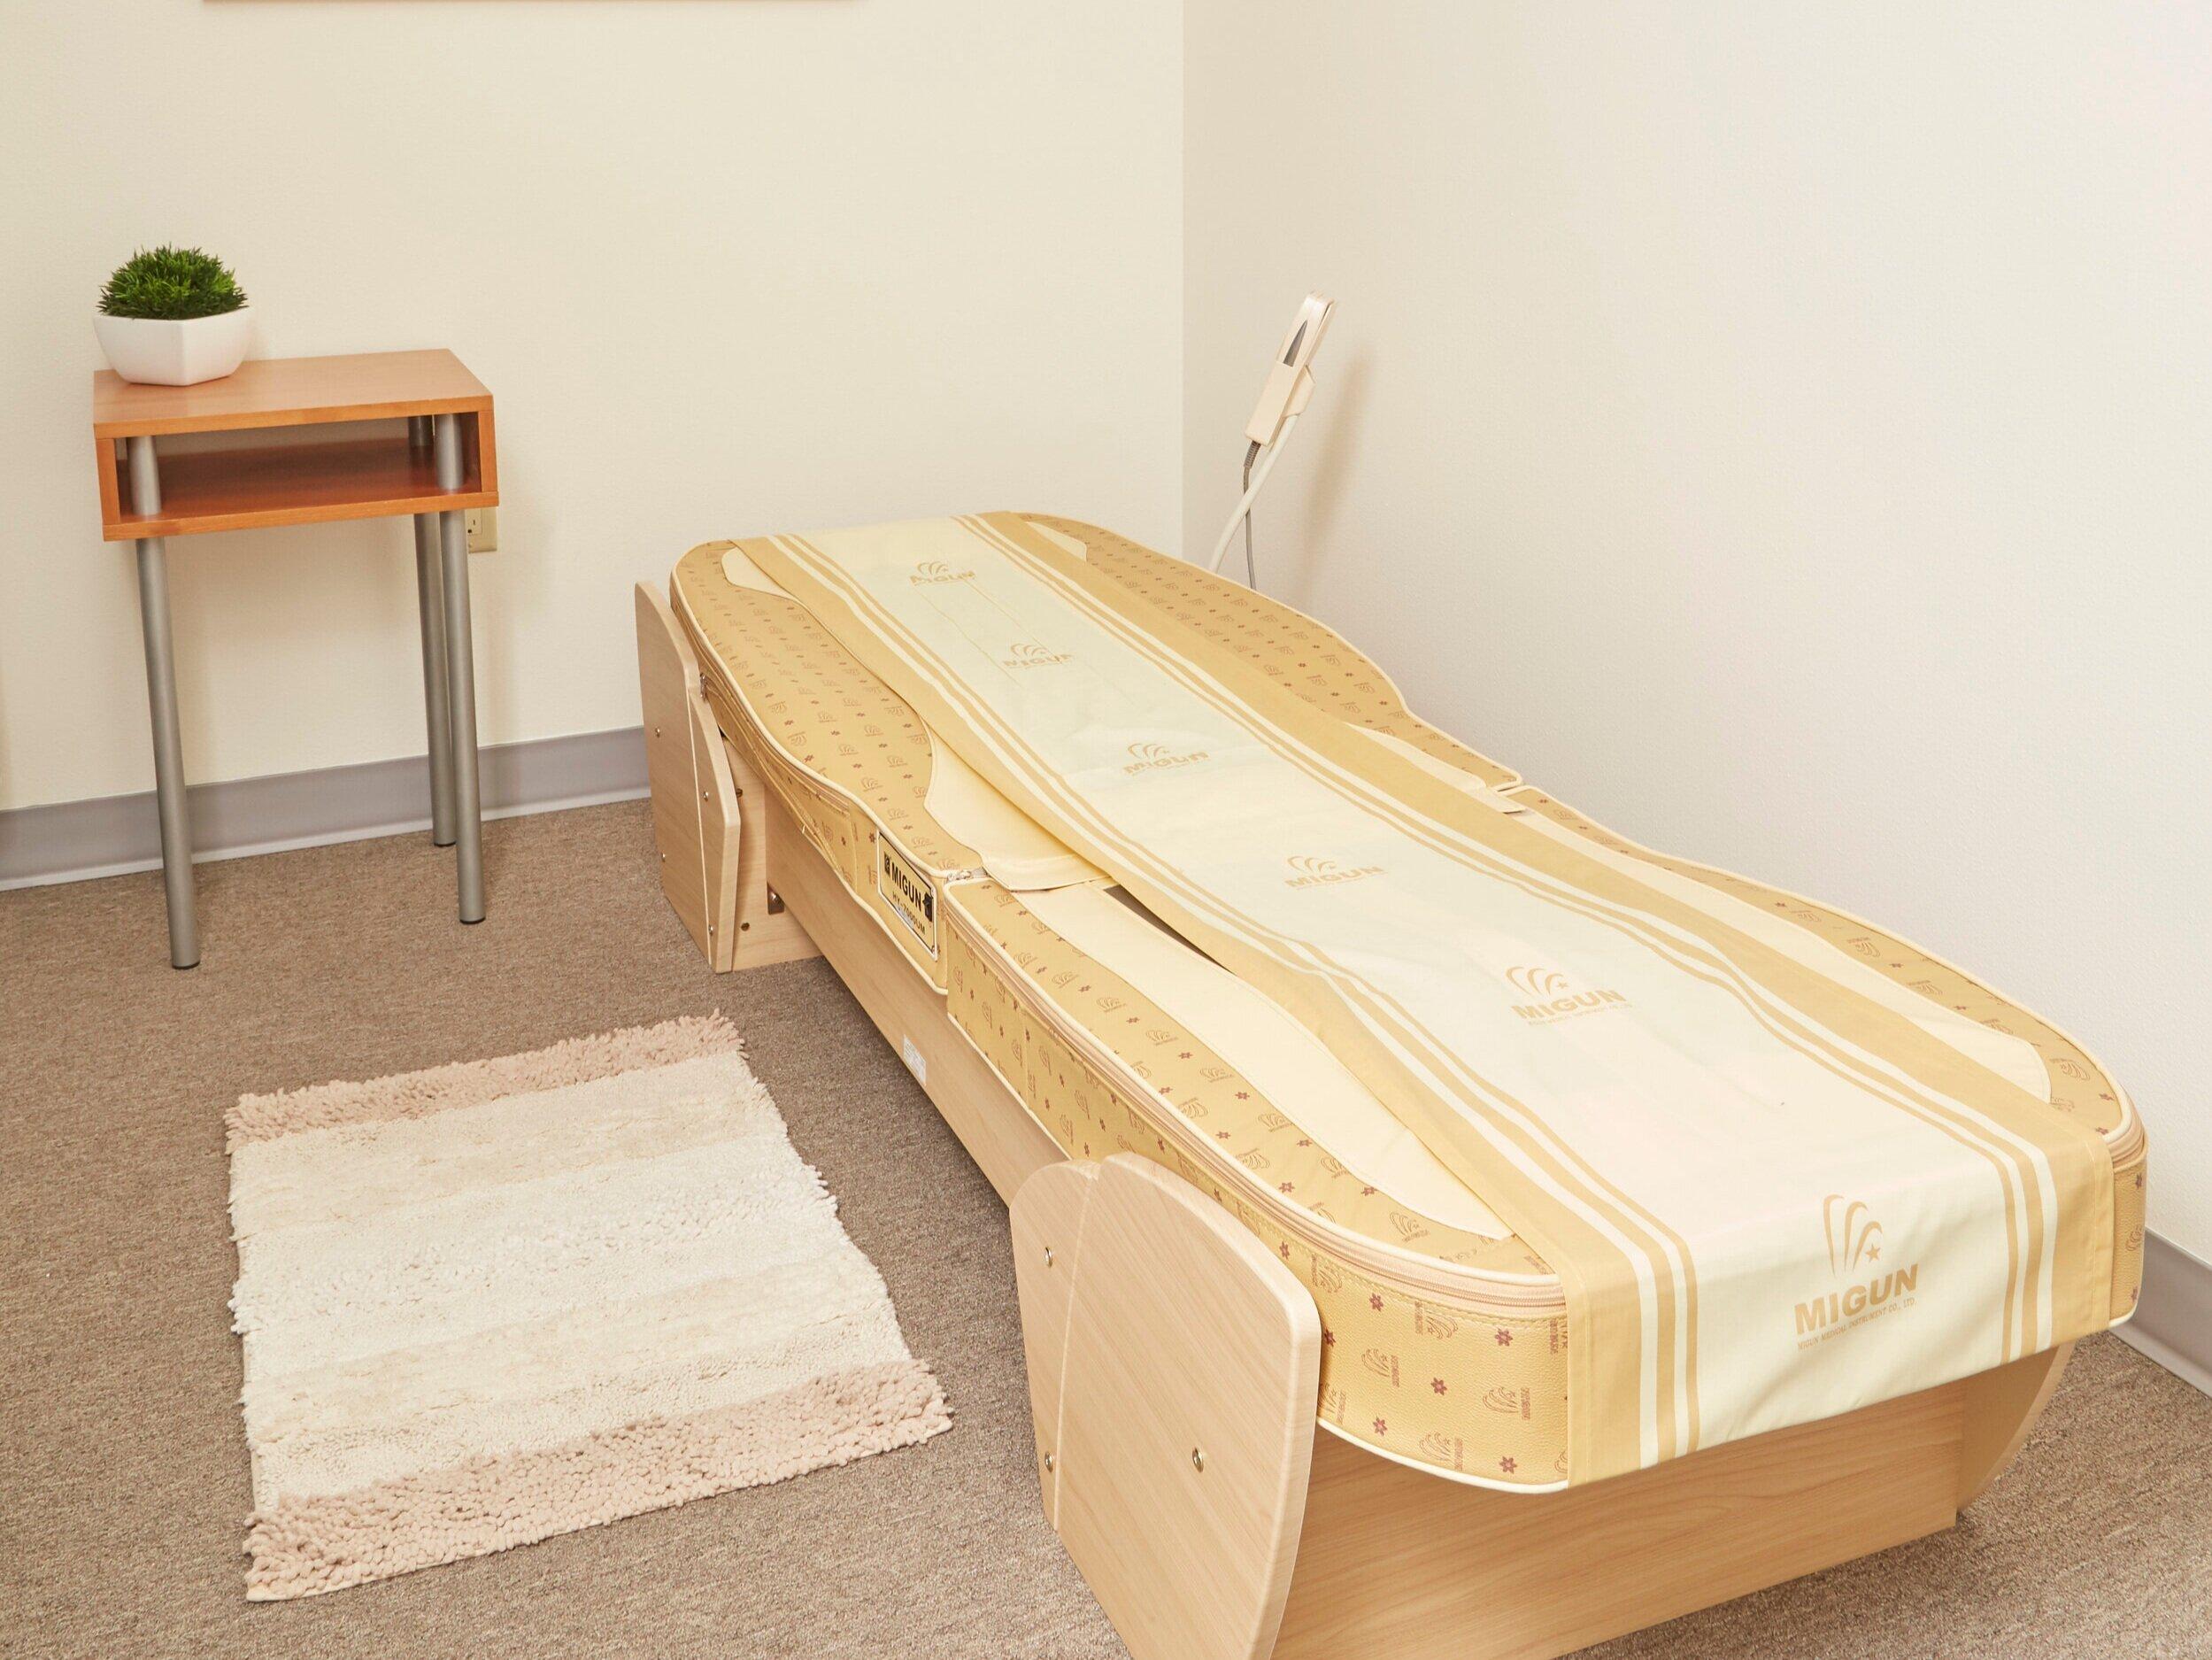 Migun Bed -